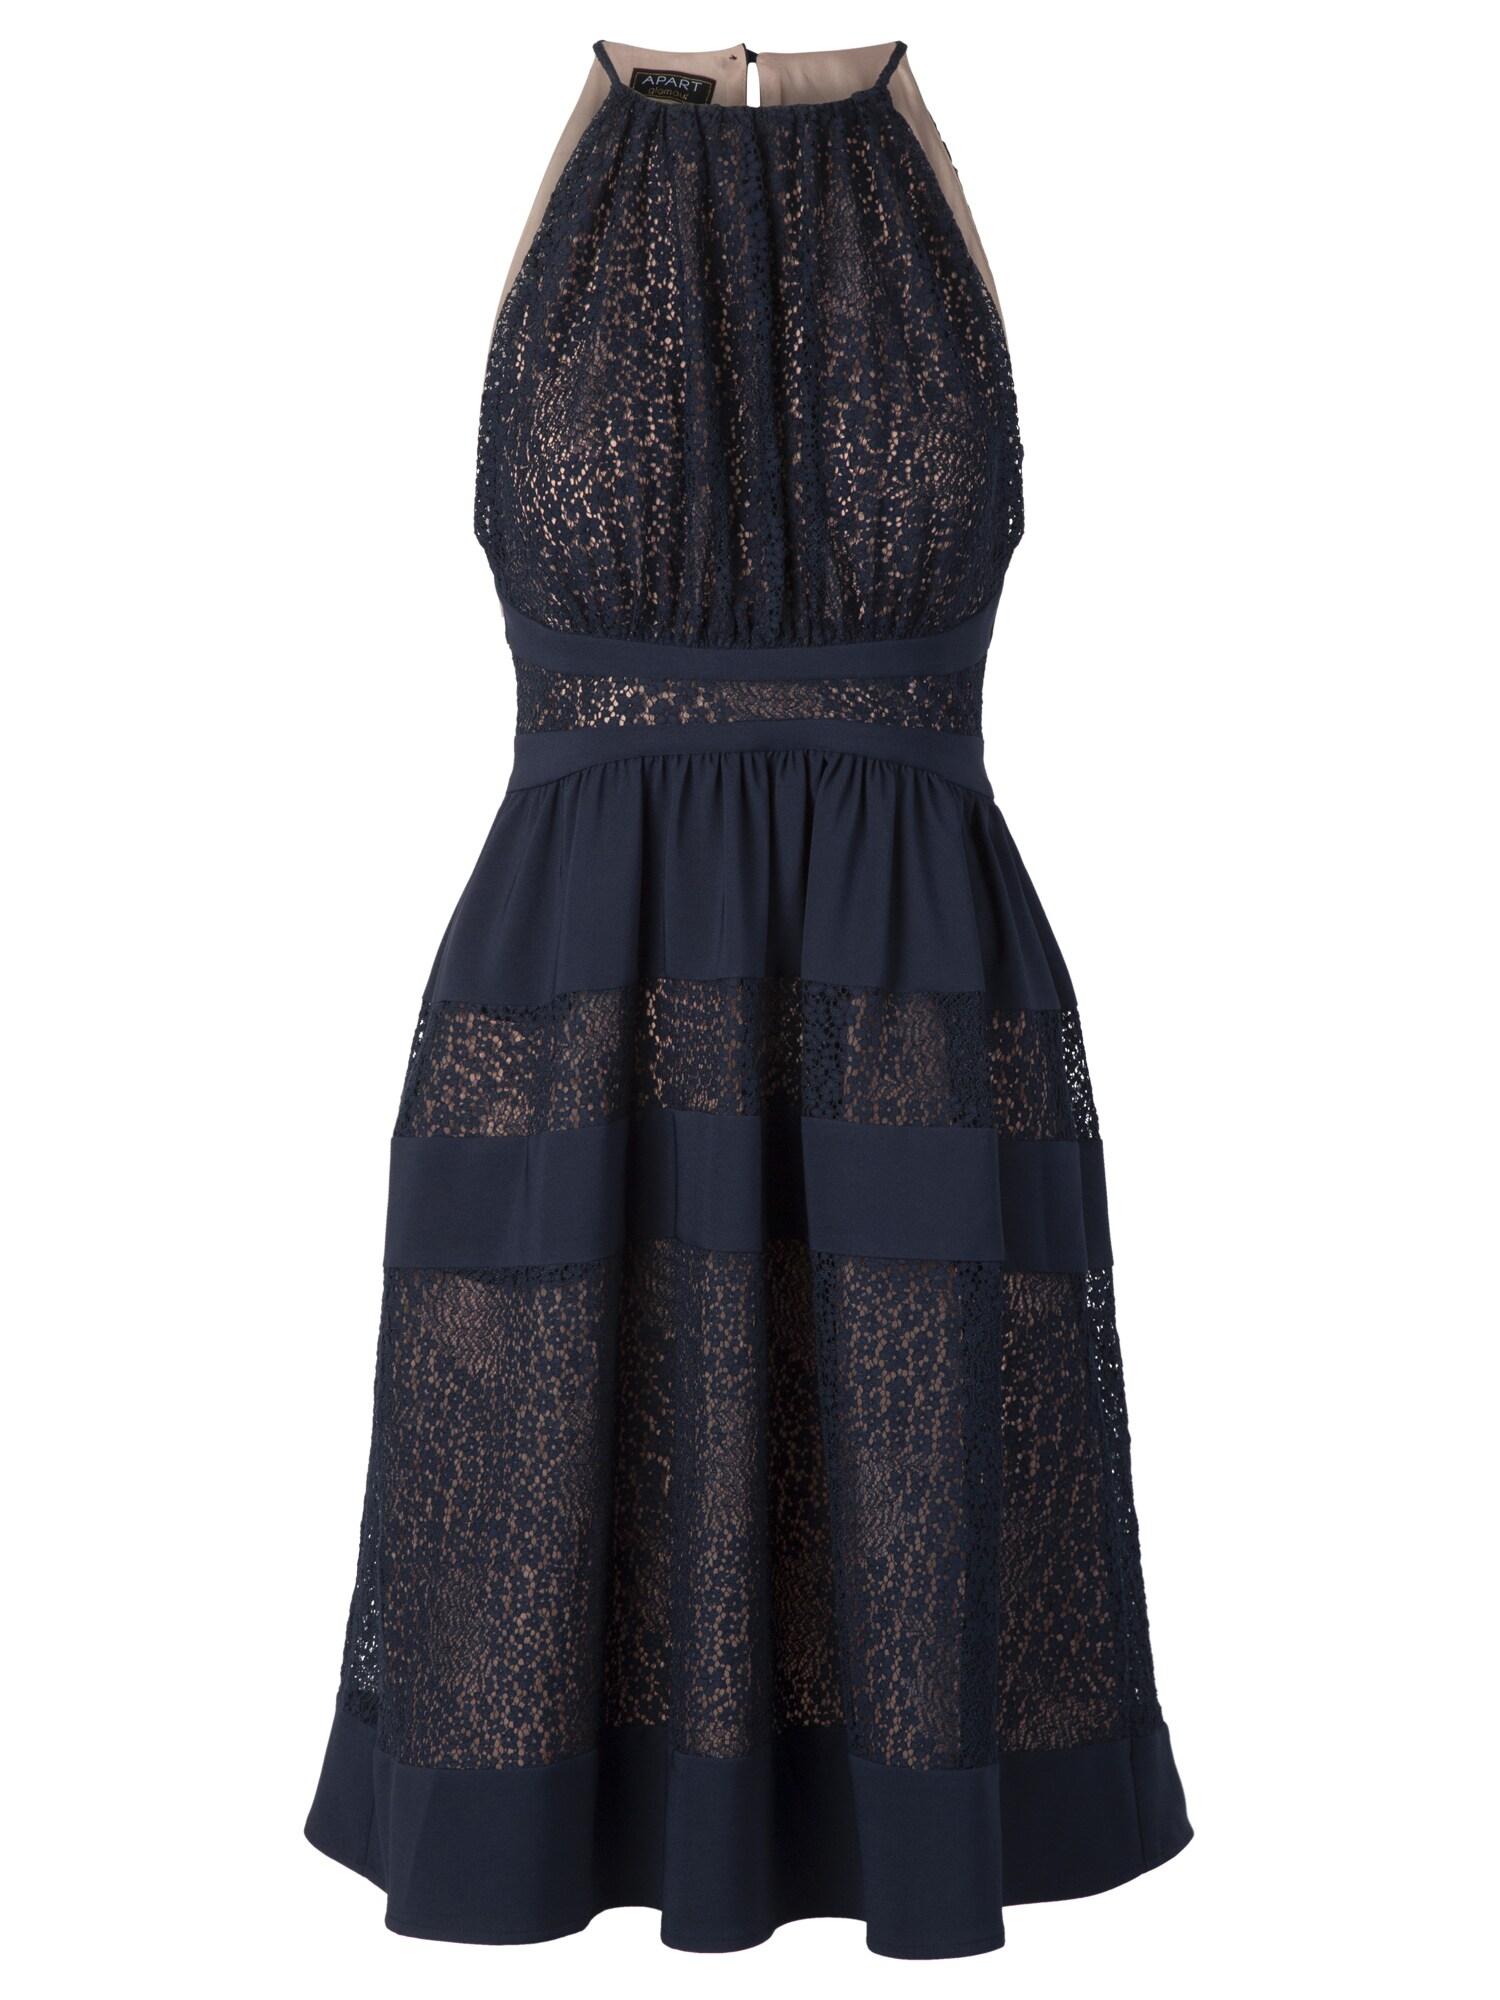 APART Vakarinė suknelė nakties mėlyna / skaidri spalva